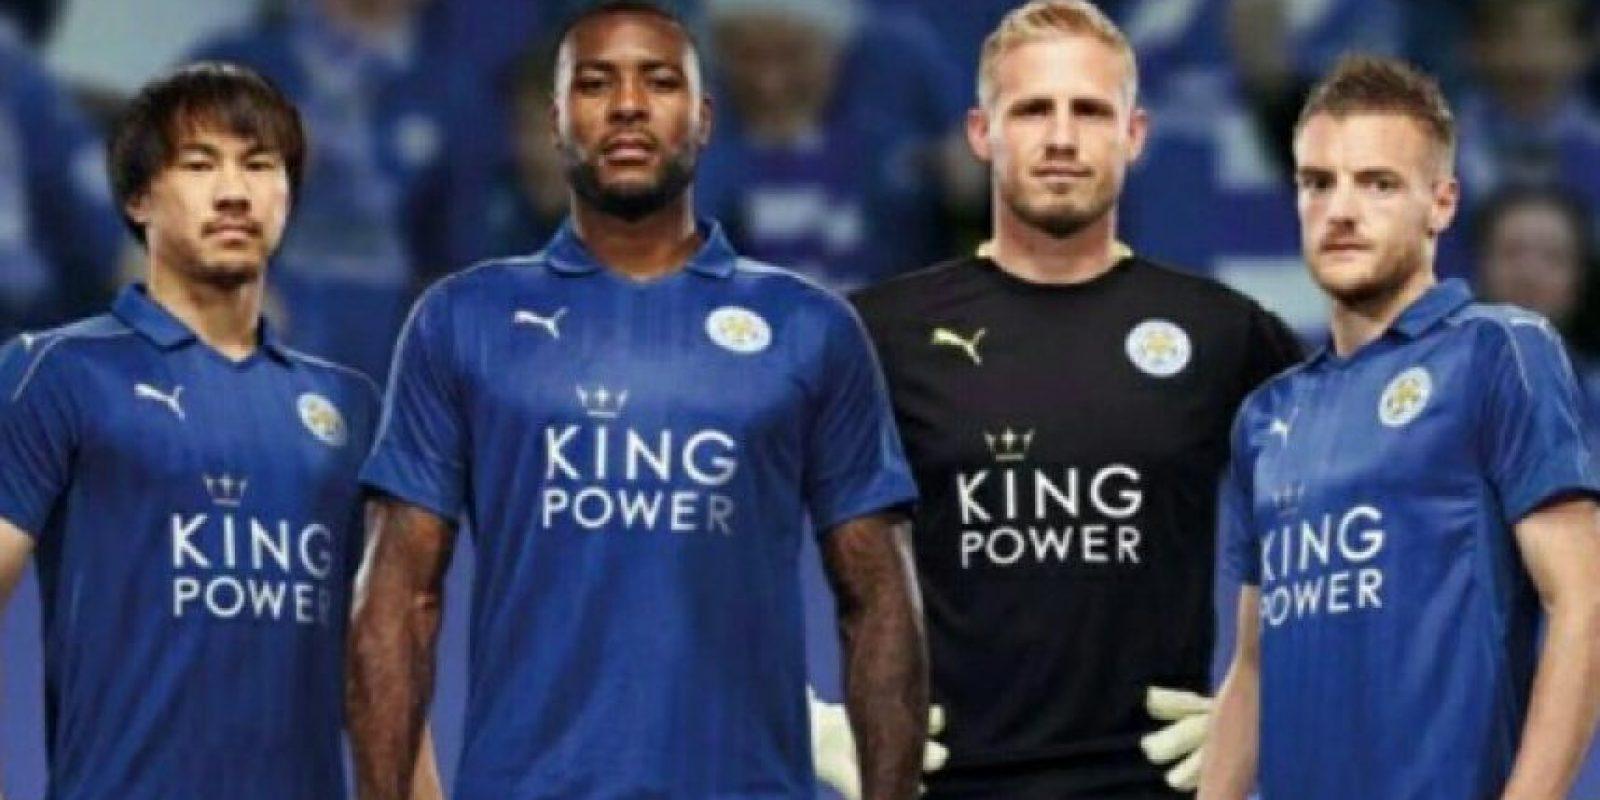 Otro detalle que puede revelar la salida del argelino es que no apareció en las fotografías para promocionar la nueva camiseta Foto:Twitter Leicester